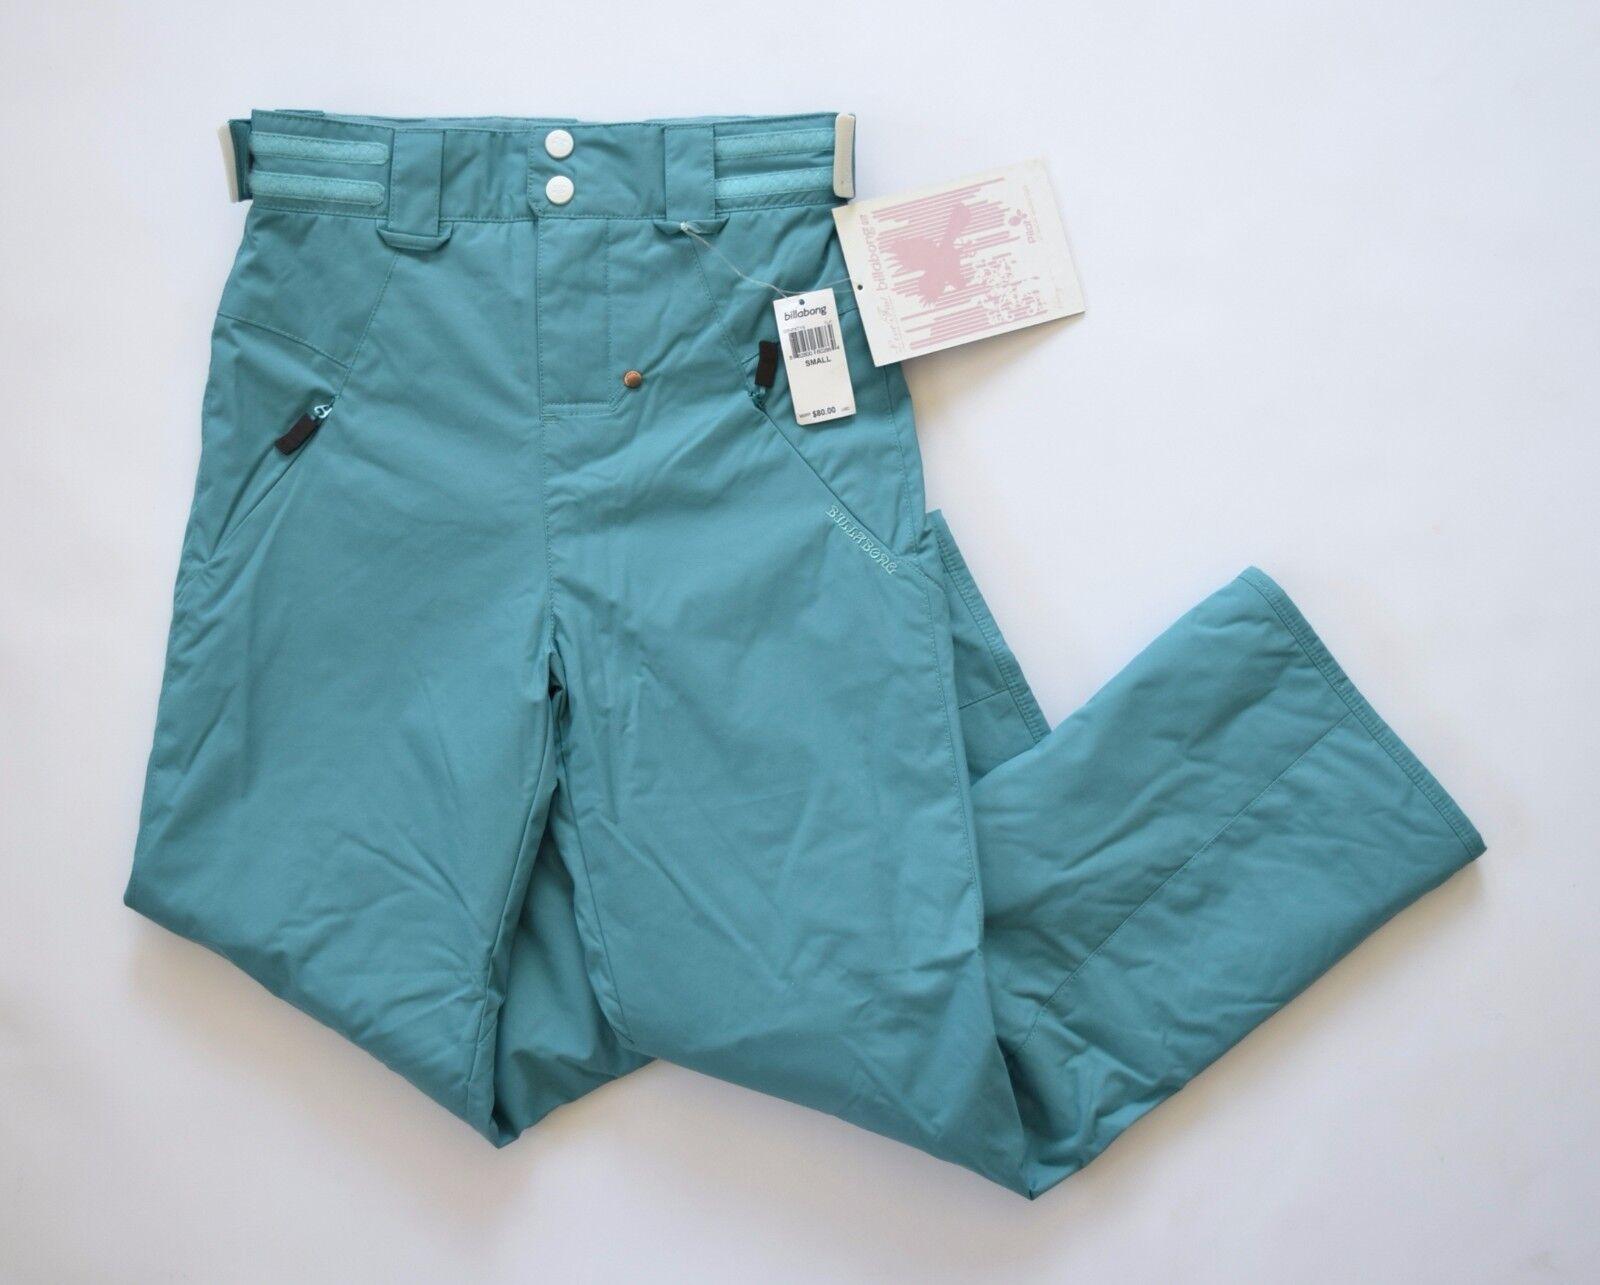 Billabong Girls  Pilot Series Snow Wear Pants – Turquoise sz S  incentive promotionals